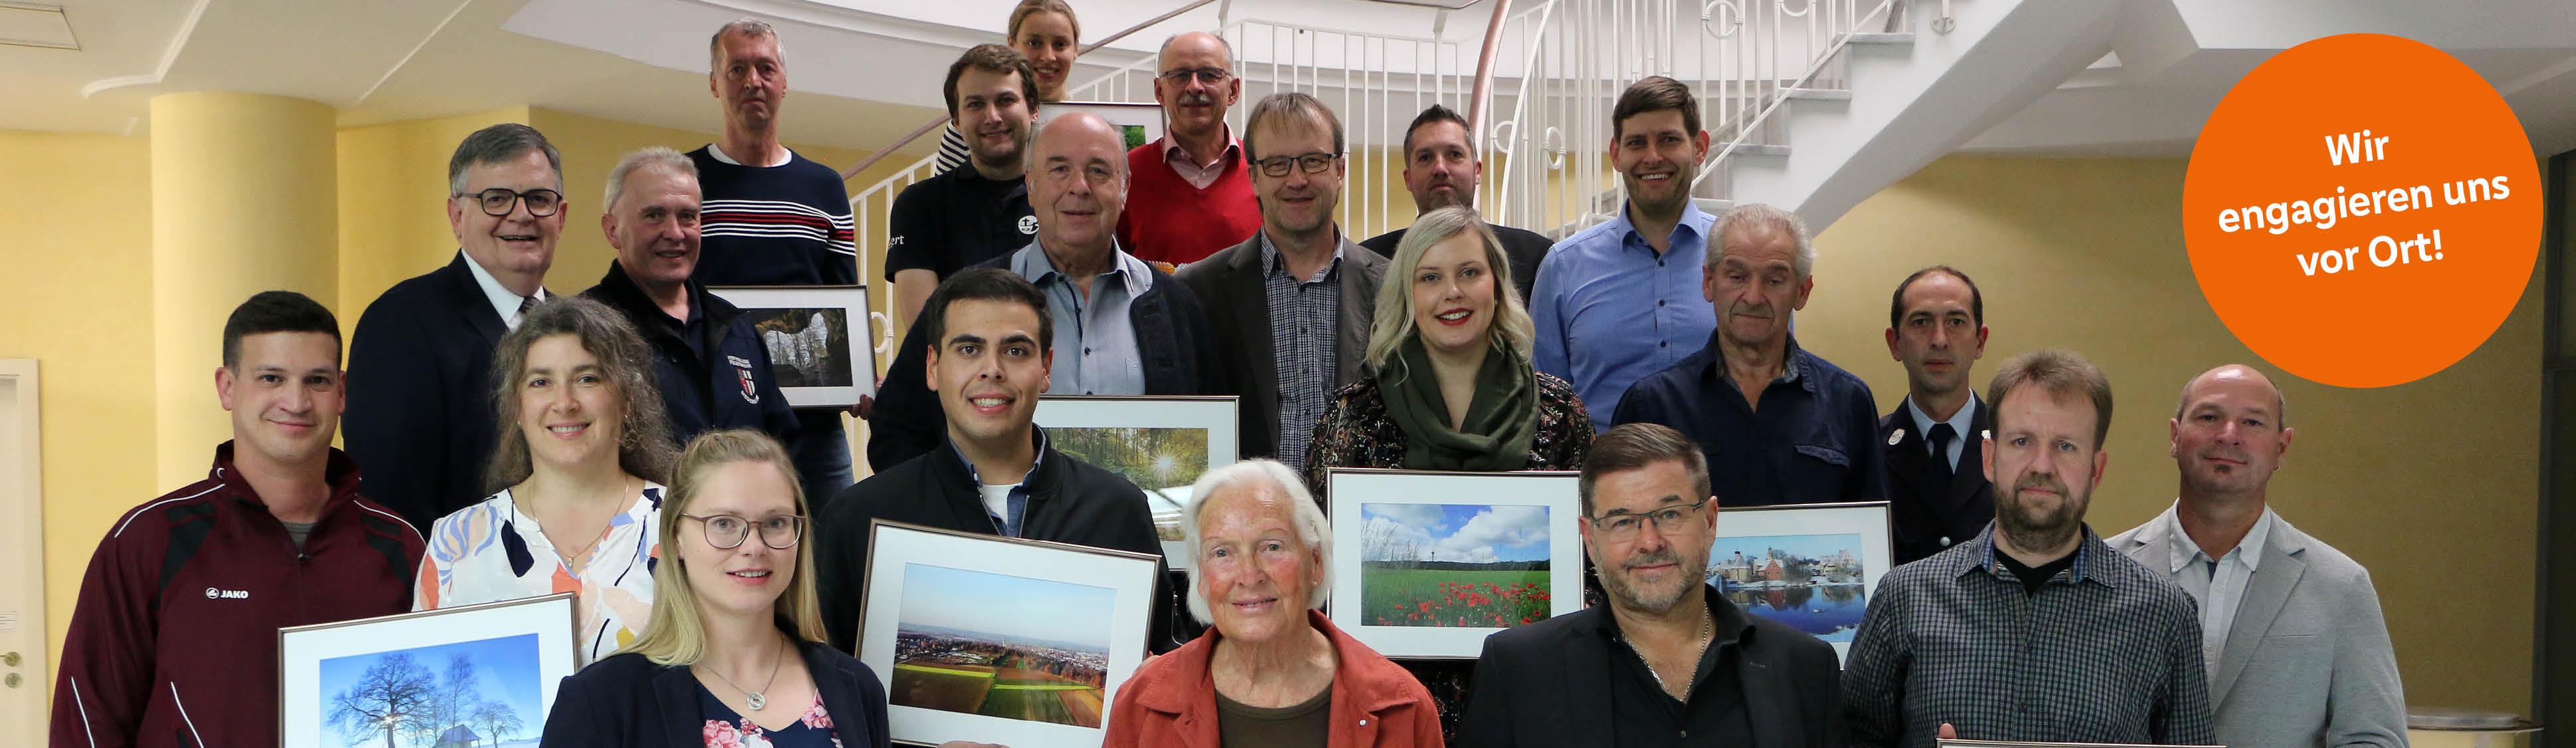 Fotowettbewerb für den Heimatkalender 2017 - 3.000 Euro Spenden gehen an Rieser Vereine